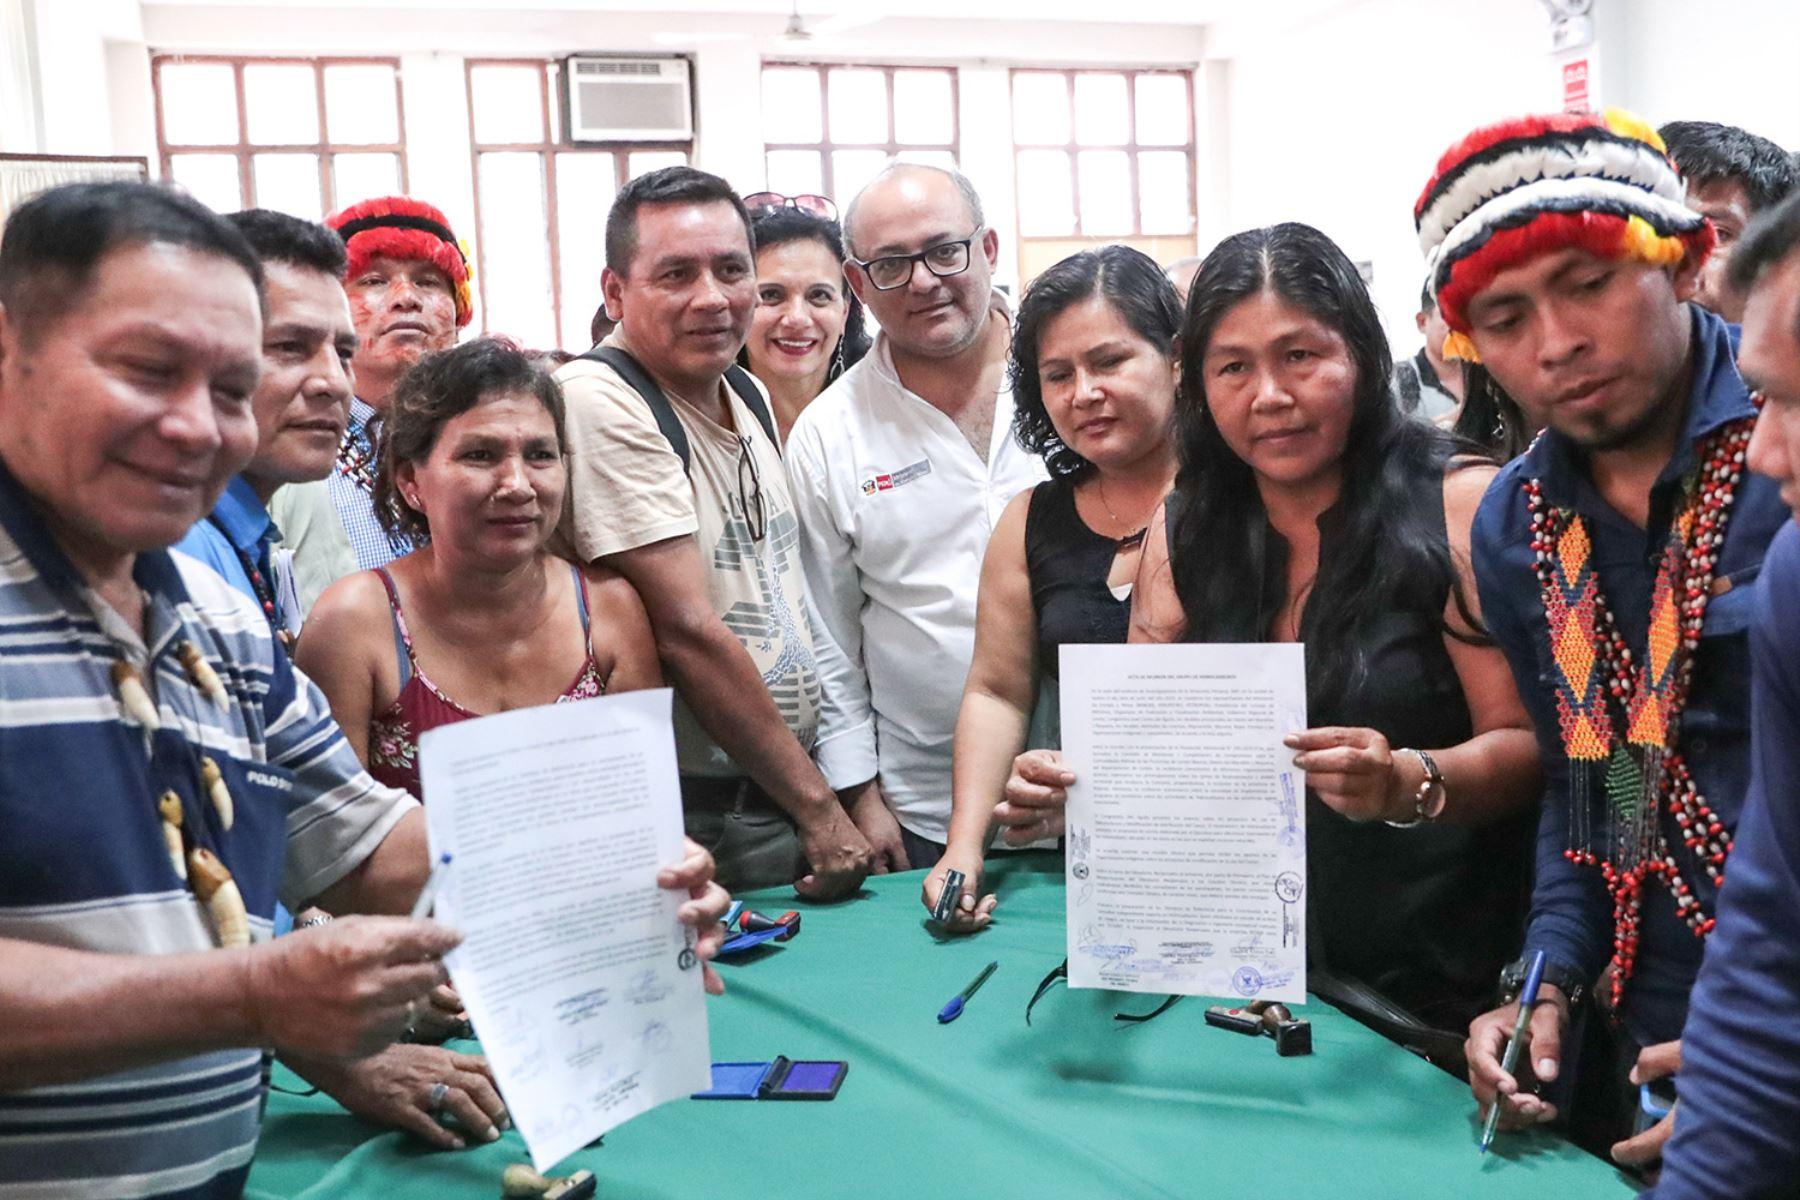 El MEM llegó a un acuerdo con las comunidades indígenas de Loreto para elegir, de manera conjunta, a consultores independientes para evaluar el estado del Oleoducto Norperuano.